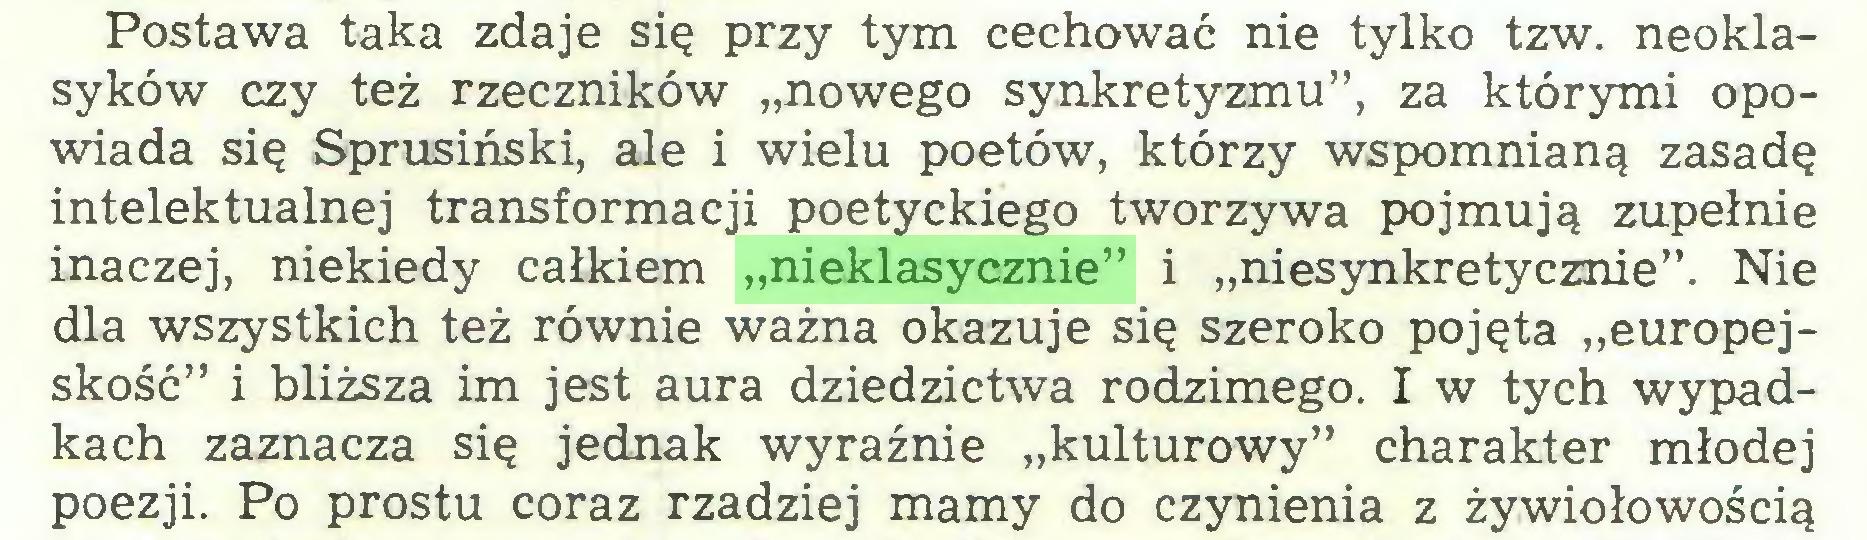 """(...) Postawa taka zdaje się przy tym cechować nie tylko tzw. neoklasyków czy też rzeczników """"nowego synkretyzmu"""", za którymi opowiada się Sprusiński, ale i wielu poetów, którzy wspomnianą zasadę intelektualnej transformacji poetyckiego tworzywa pojmują zupełnie inaczej, niekiedy całkiem """"nieklasycznie"""" i """"niesynkretycznie"""". Nie dla wszystkich też równie ważna okazuje się szeroko pojęta """"europejskość"""" i bliższa im jest aura dziedzictwa rodzimego. I w tych wypadkach zaznacza się jednak wyraźnie """"kulturowy"""" charakter młodej poezji. Po prostu coraz rzadziej mamy do czynienia z żywiołowością..."""